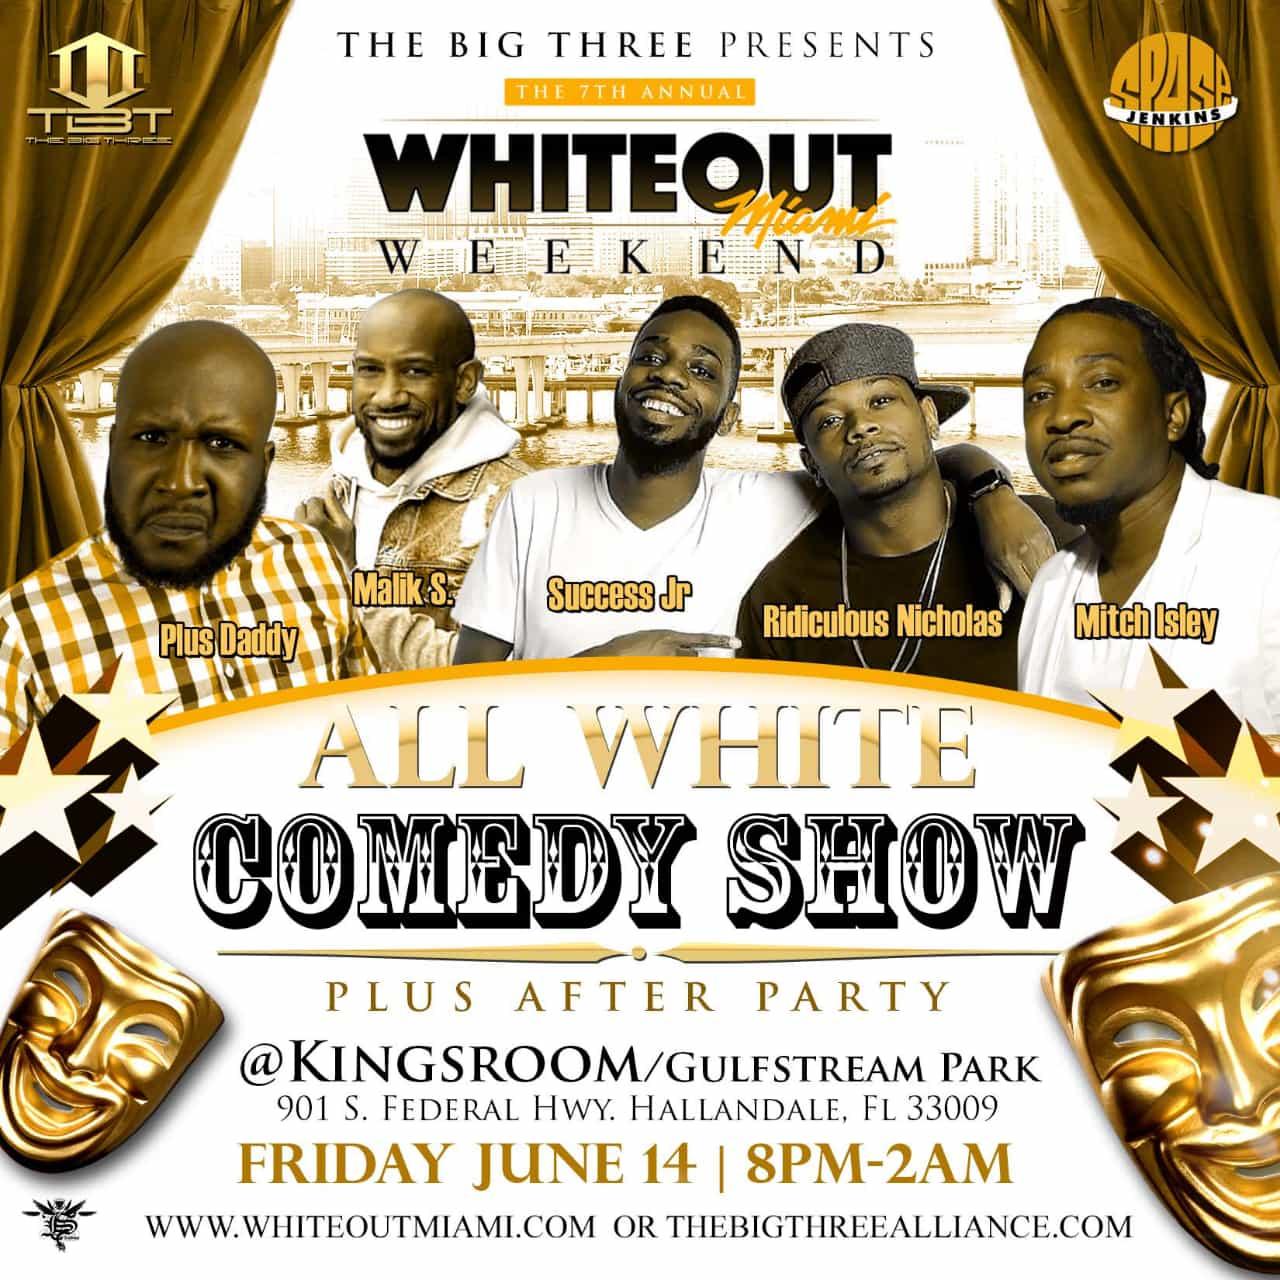 whiteout miami weekend - The Big Three Alliance